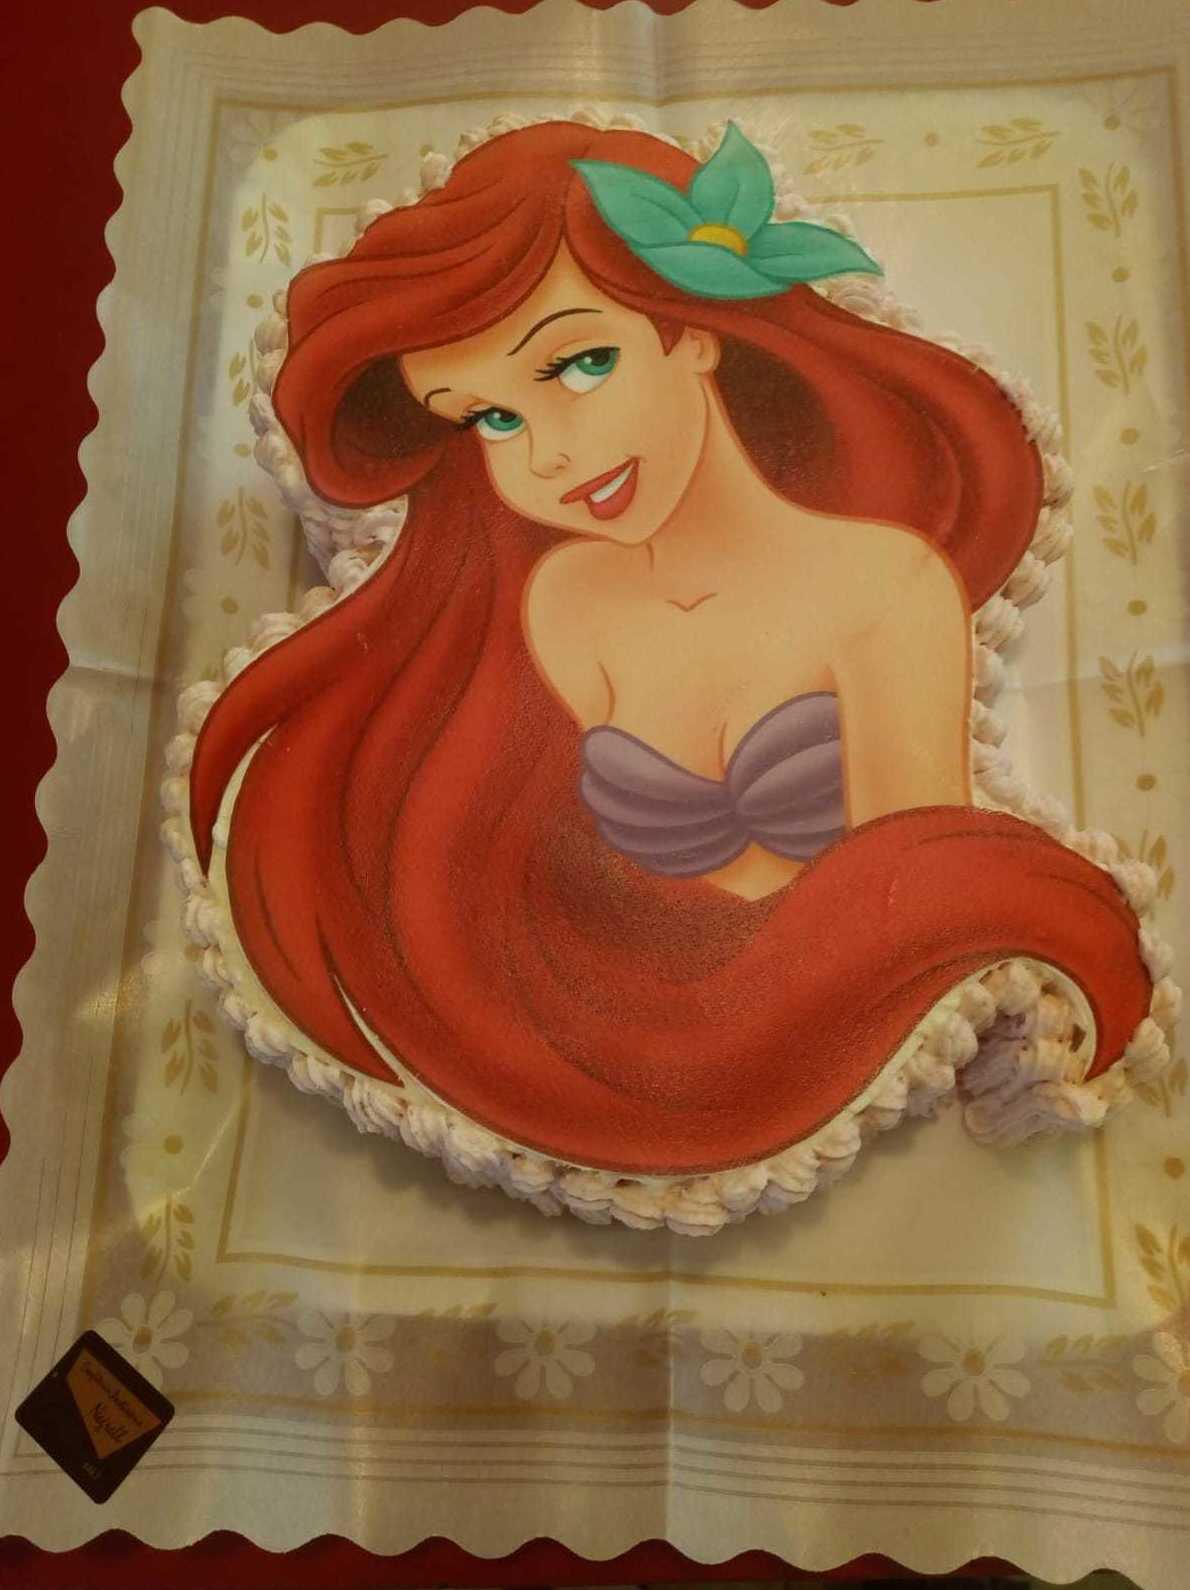 Tarta de la Sirenita. Tartas infantiles personalizadas con sus personajes favoritos